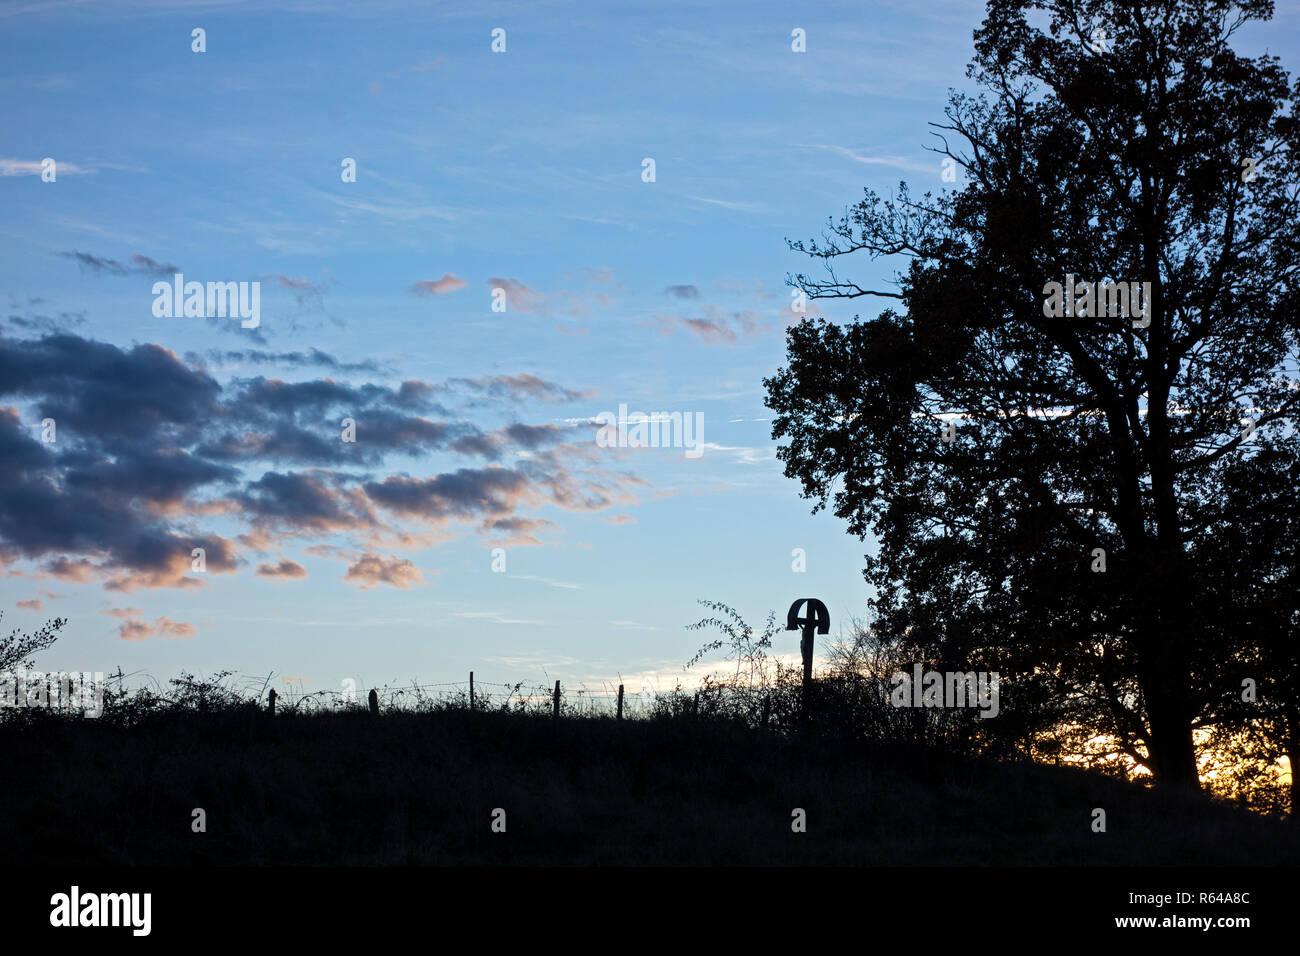 Scenery in Upper Bavaria - Stock Image